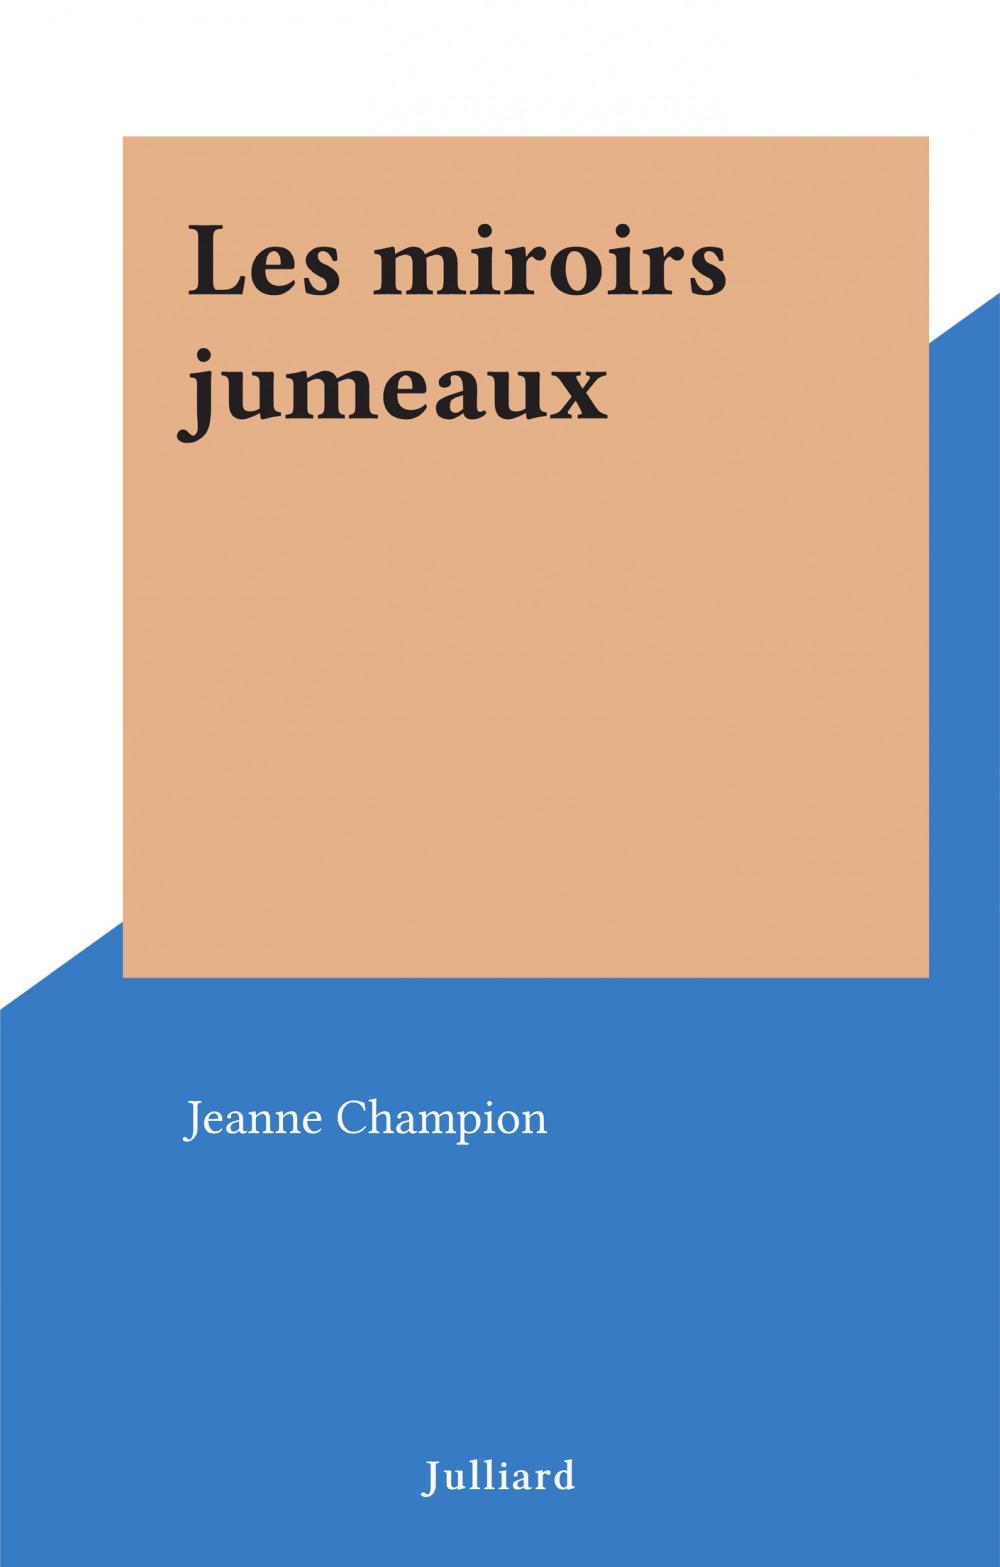 Les miroirs jumeaux  - Jeanne Champion